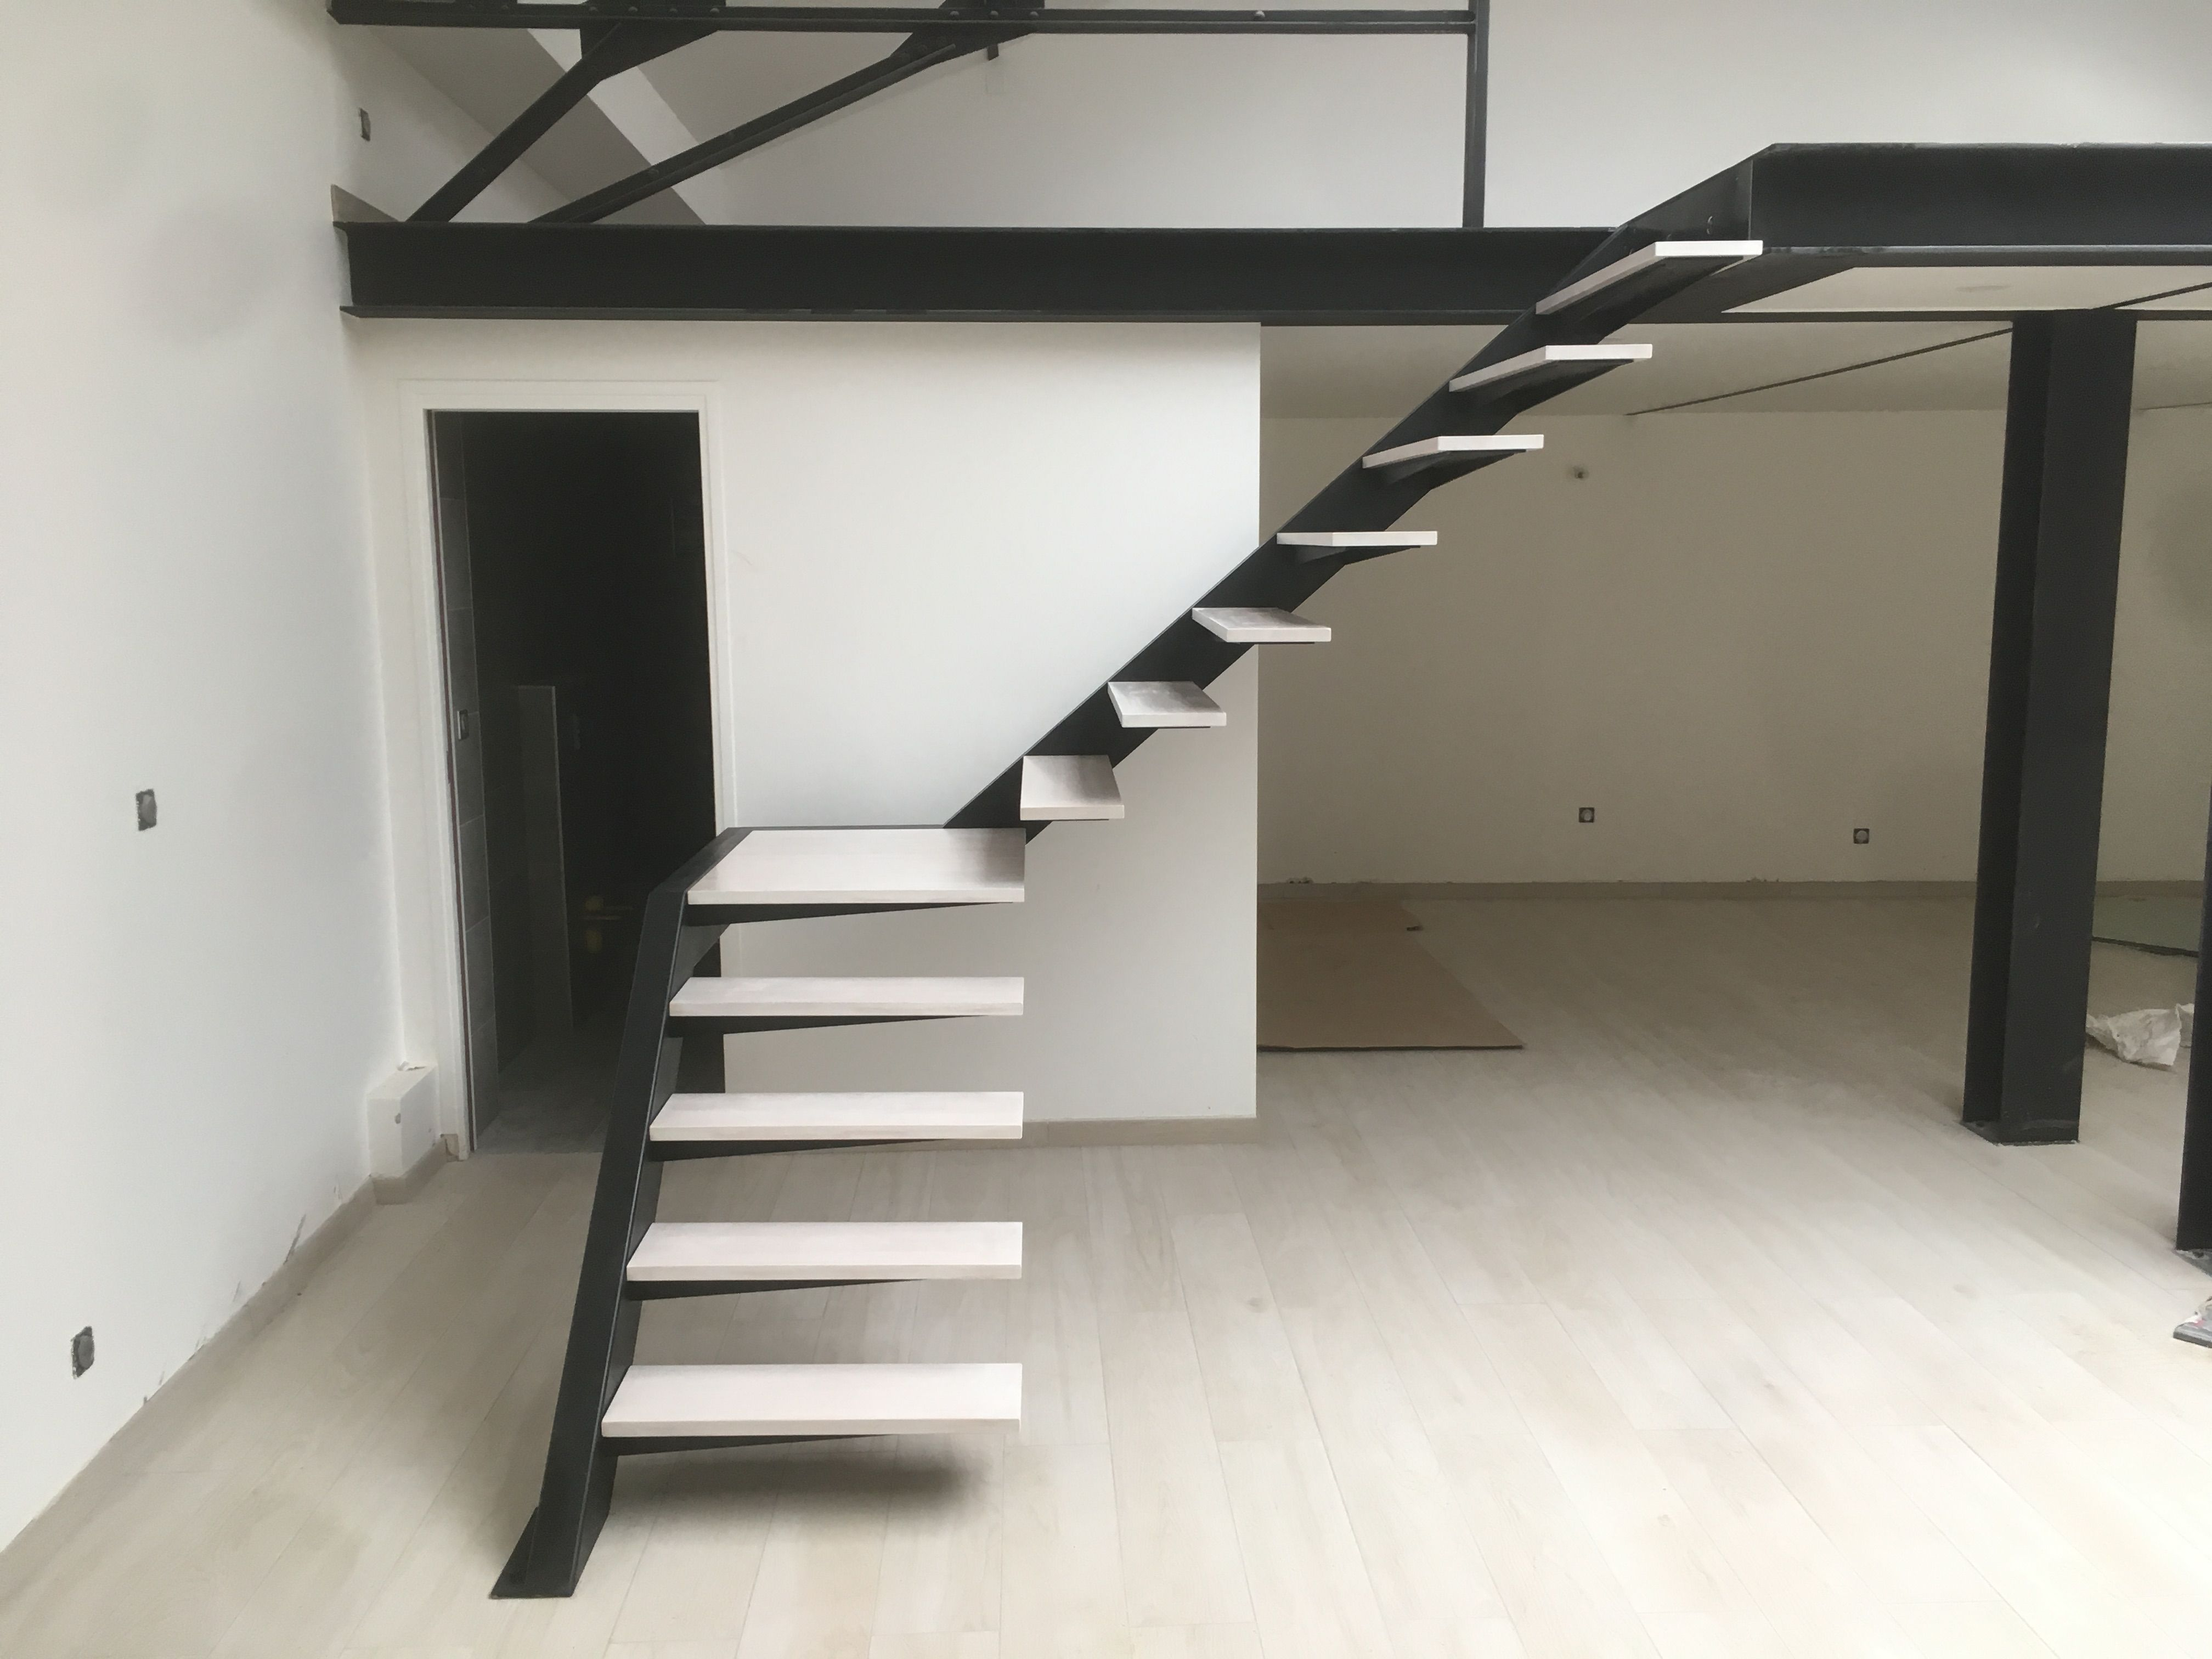 Escalier Bois Metal Noir réalisation escalier sur mesure - tony martin (fabricant